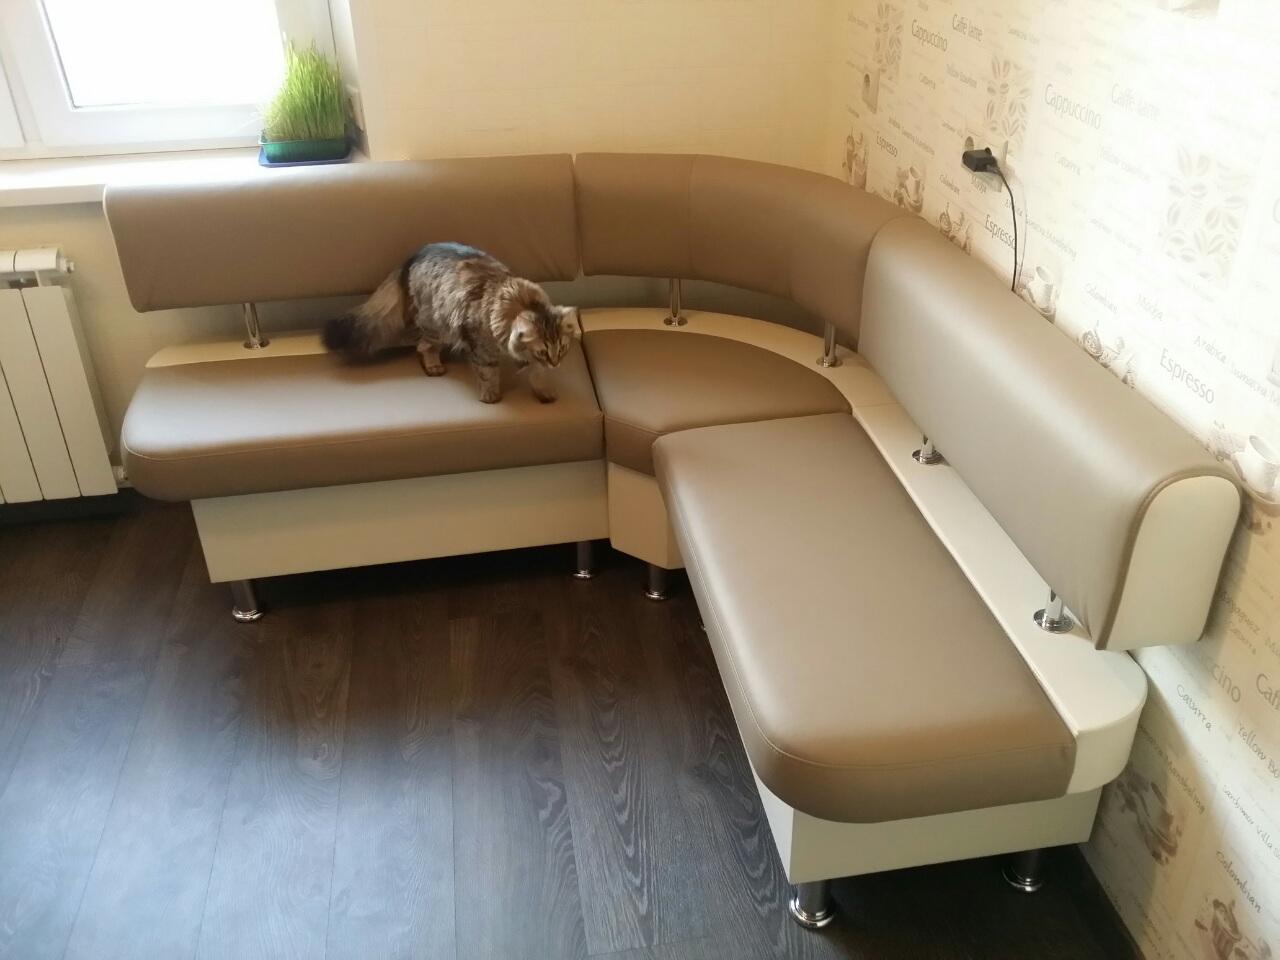 купить маленький угловой диван на кухню недорого в москве